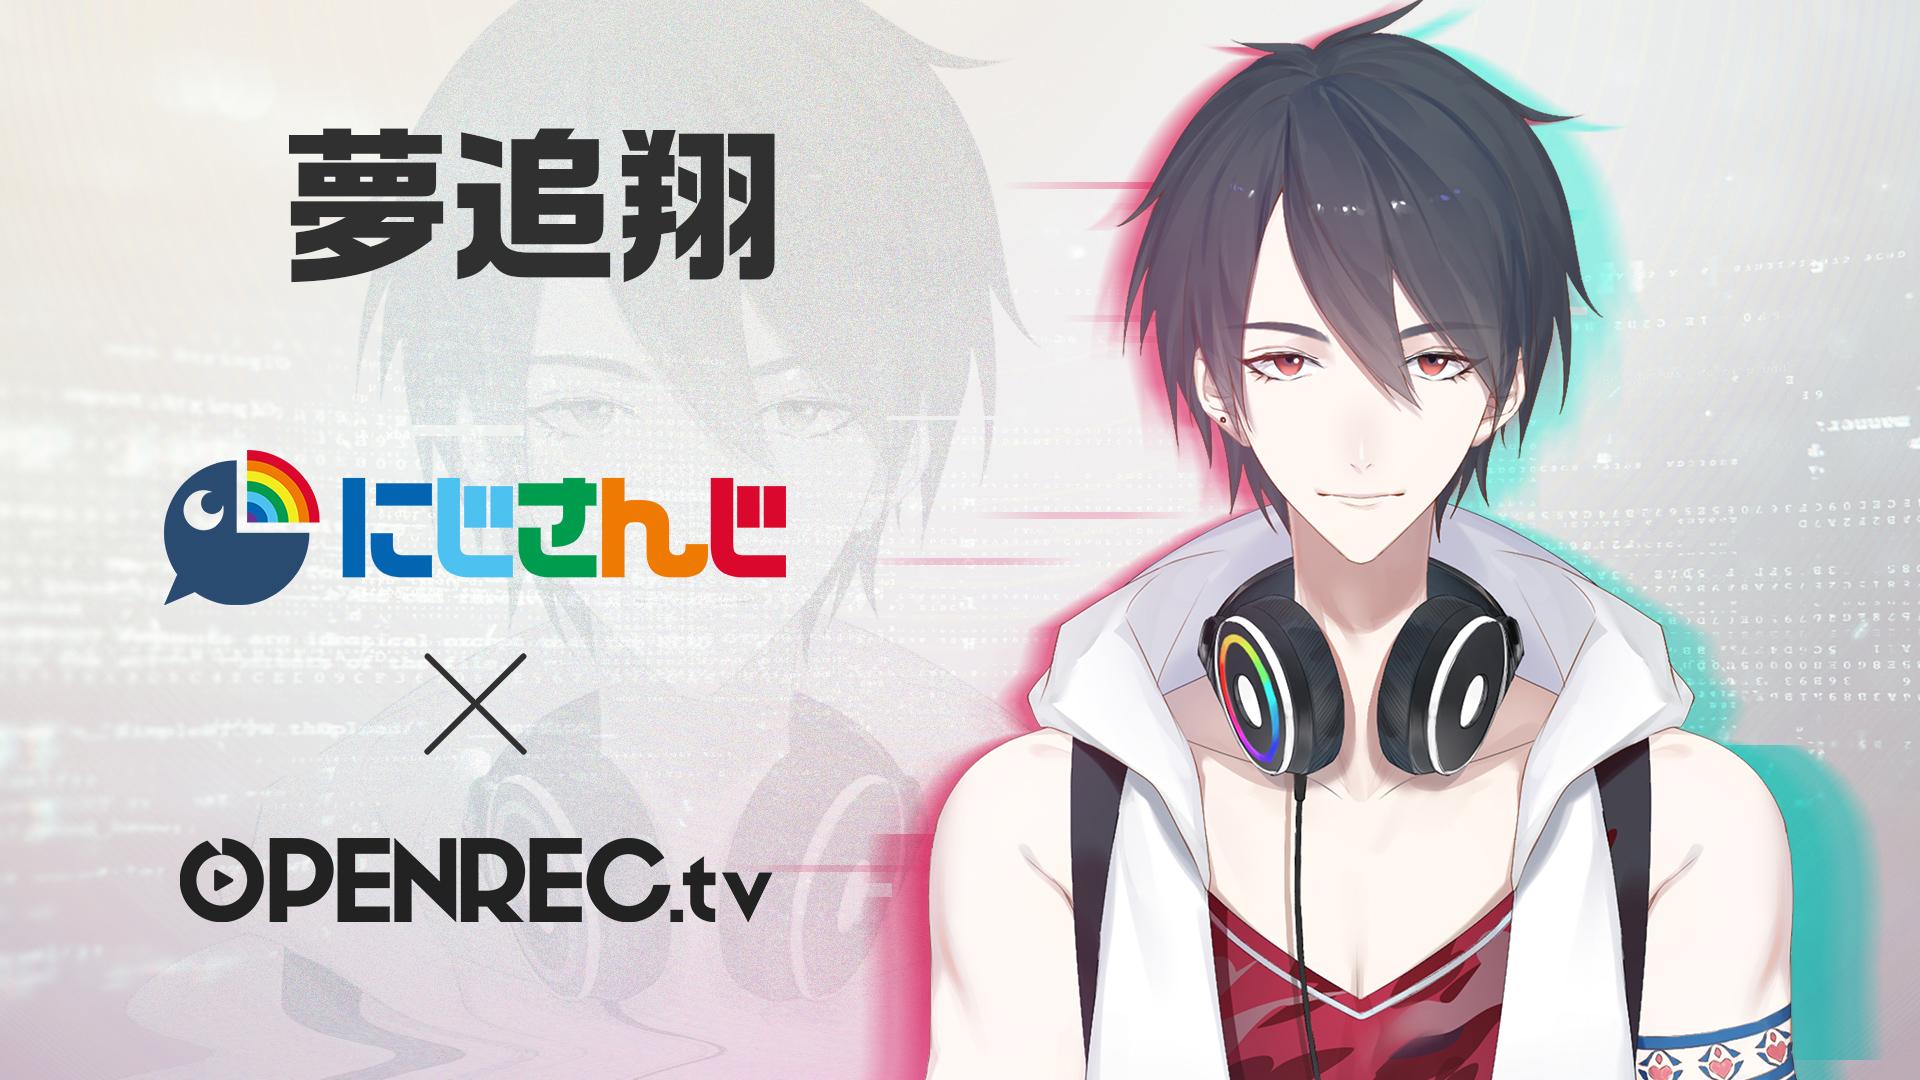 夢追翔 | OPENREC.tv (オープンレック)